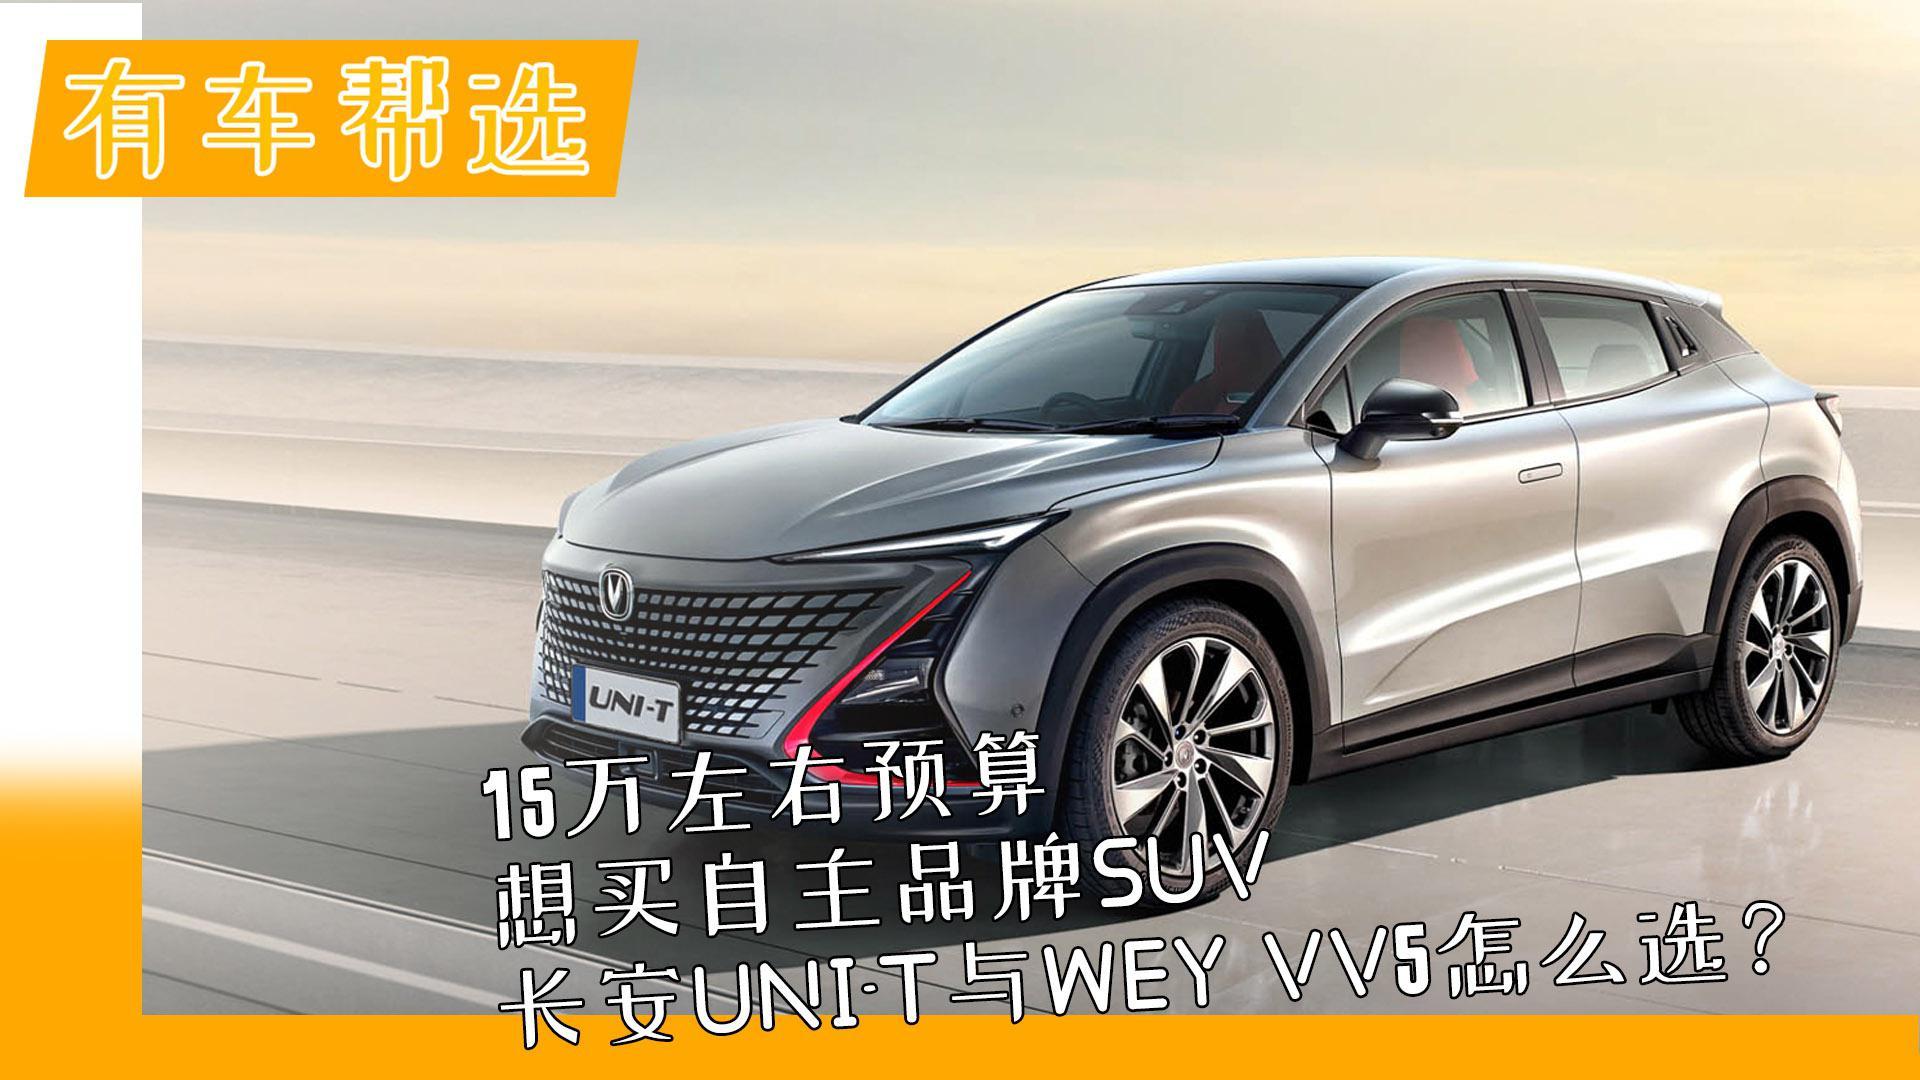 视频:15万左右预算 想买自主品牌SUV 长安UNI-T与WEY VV5怎么选?